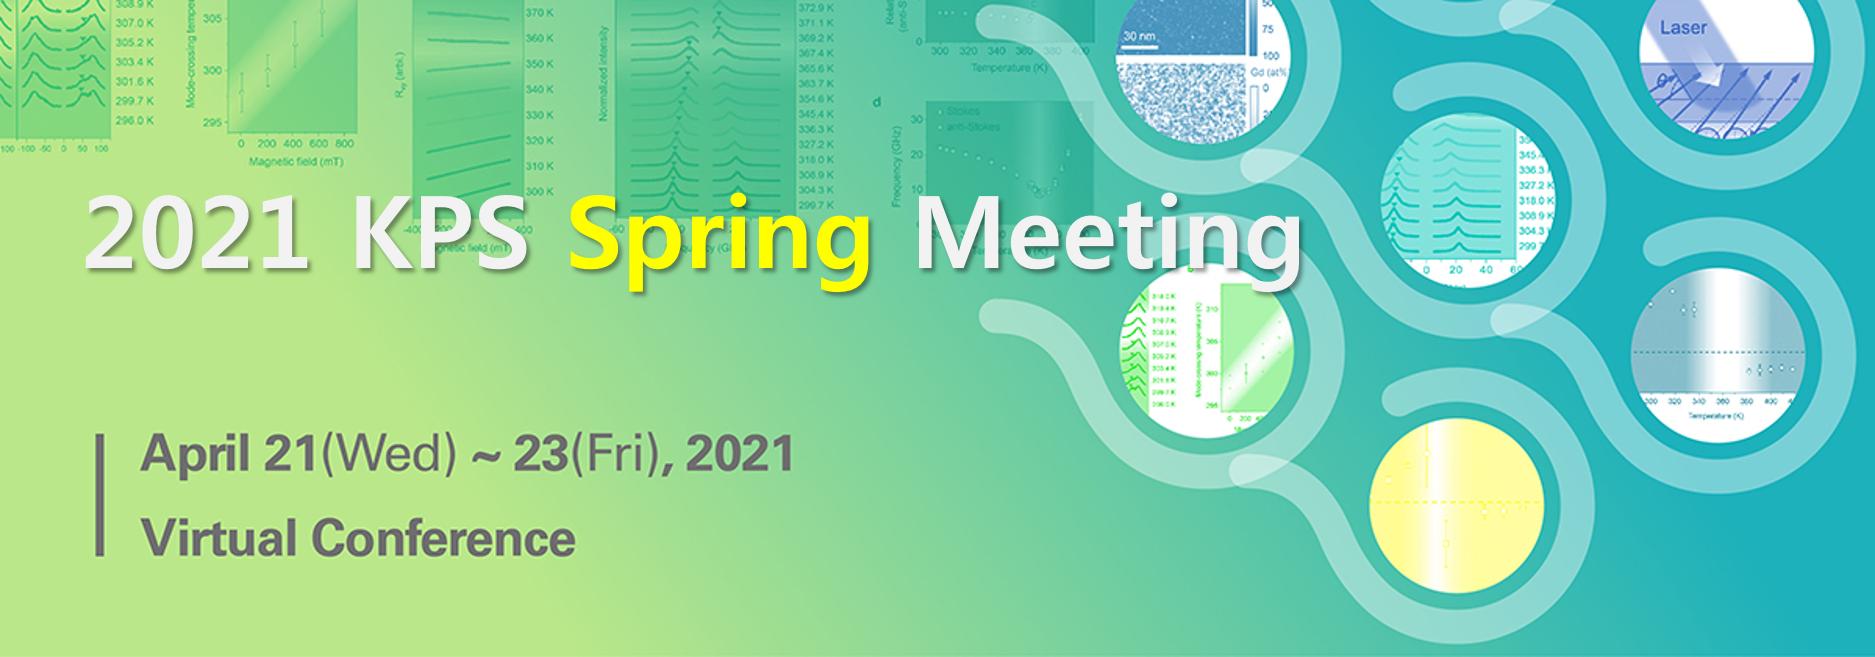 2021 KPS Spring Meeting